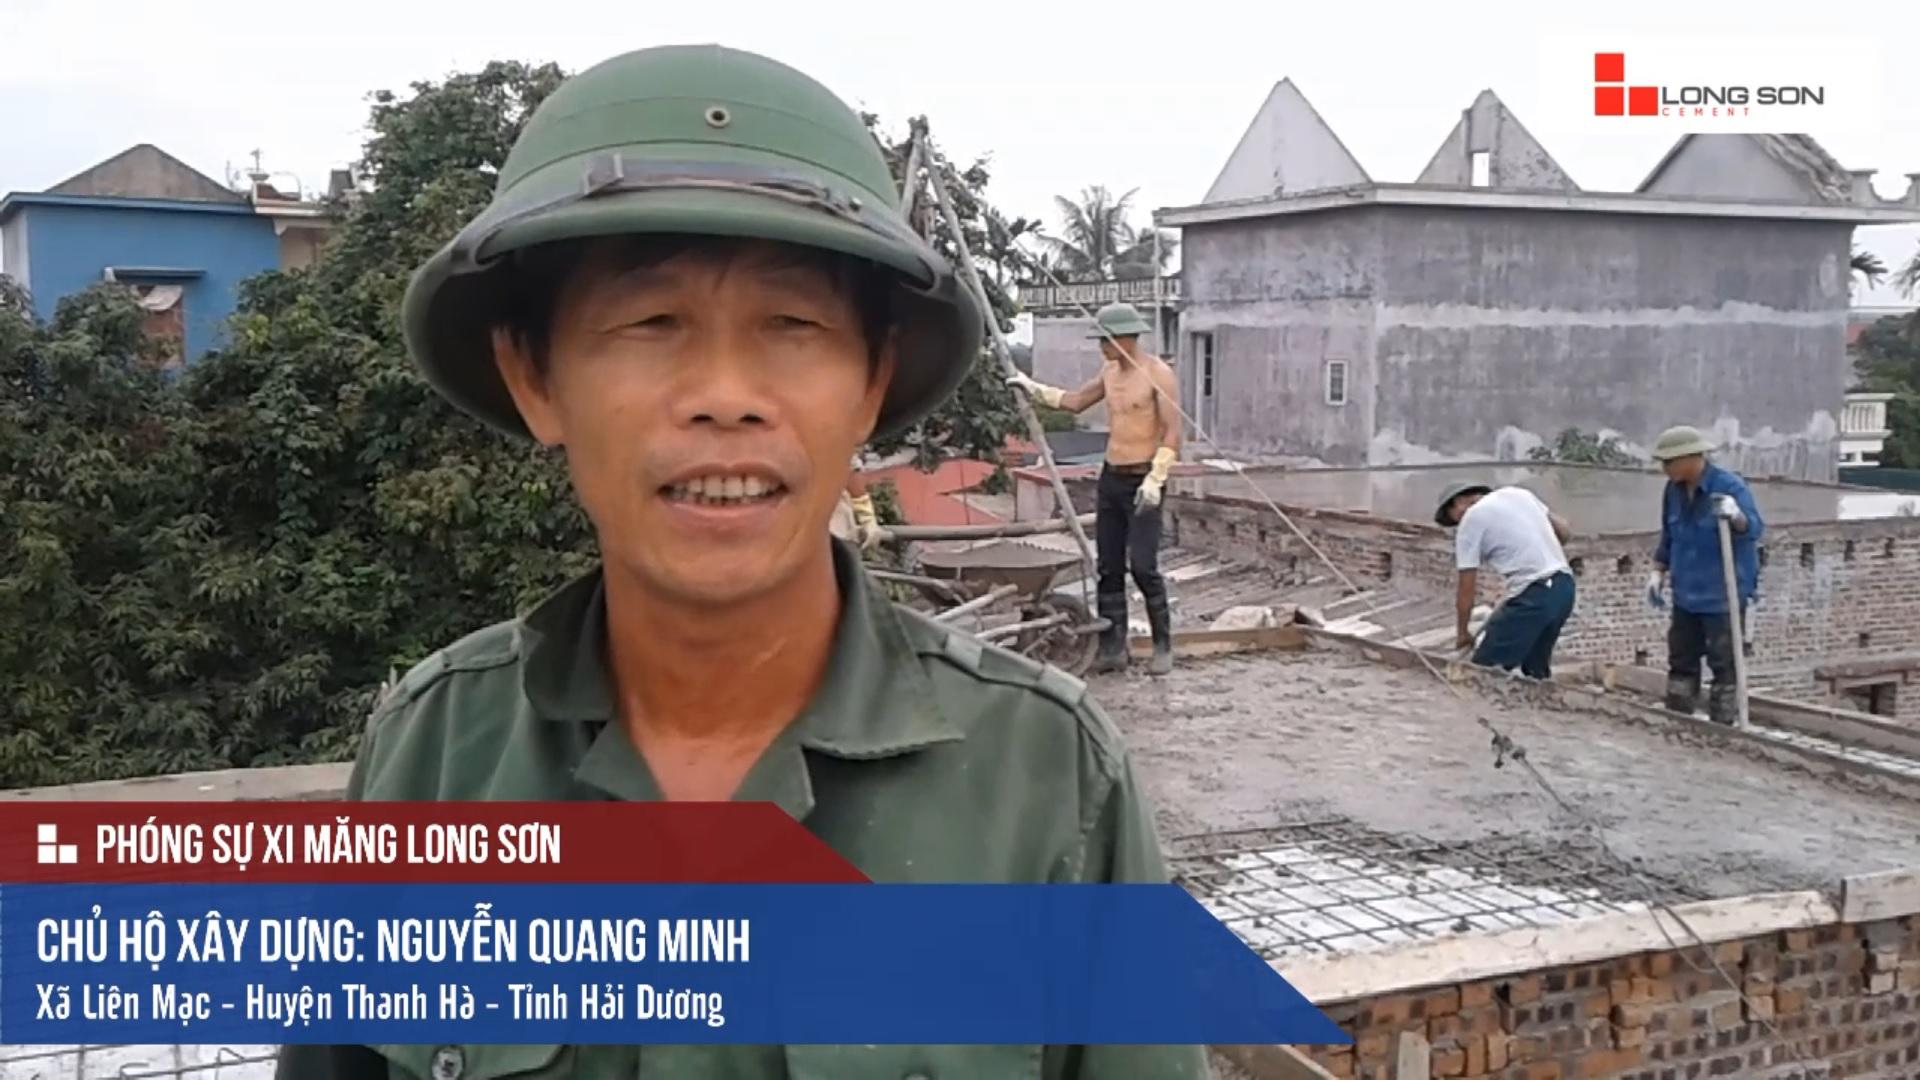 Phóng sự công trình sử dụng Xi măng Long Sơn tại Hải Dương 14.07.2018